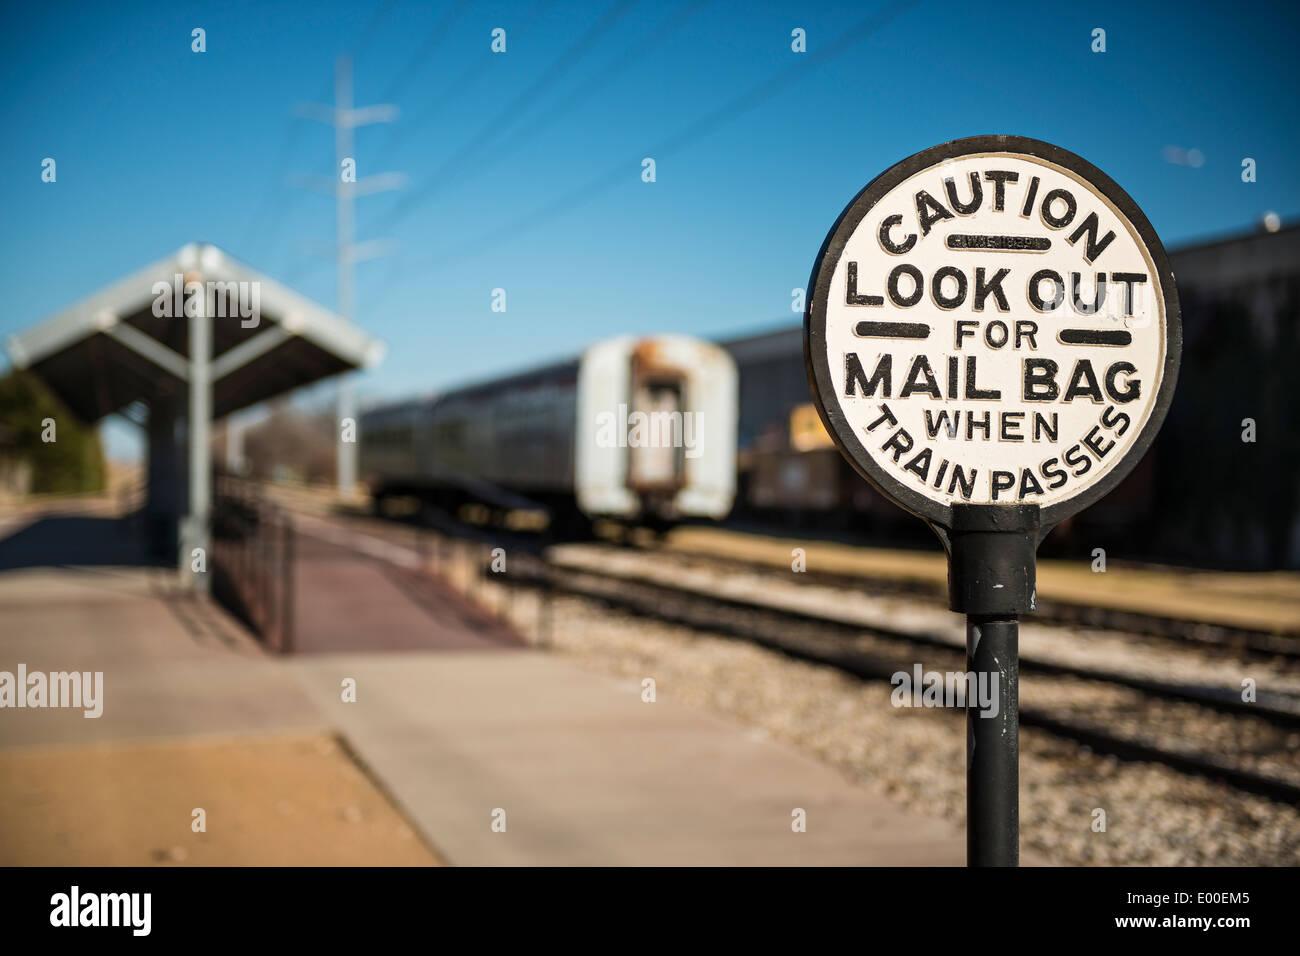 Rampa di vecchio segno di avvertimento del passaggio di sacchi di posta sui treni. Immagini Stock